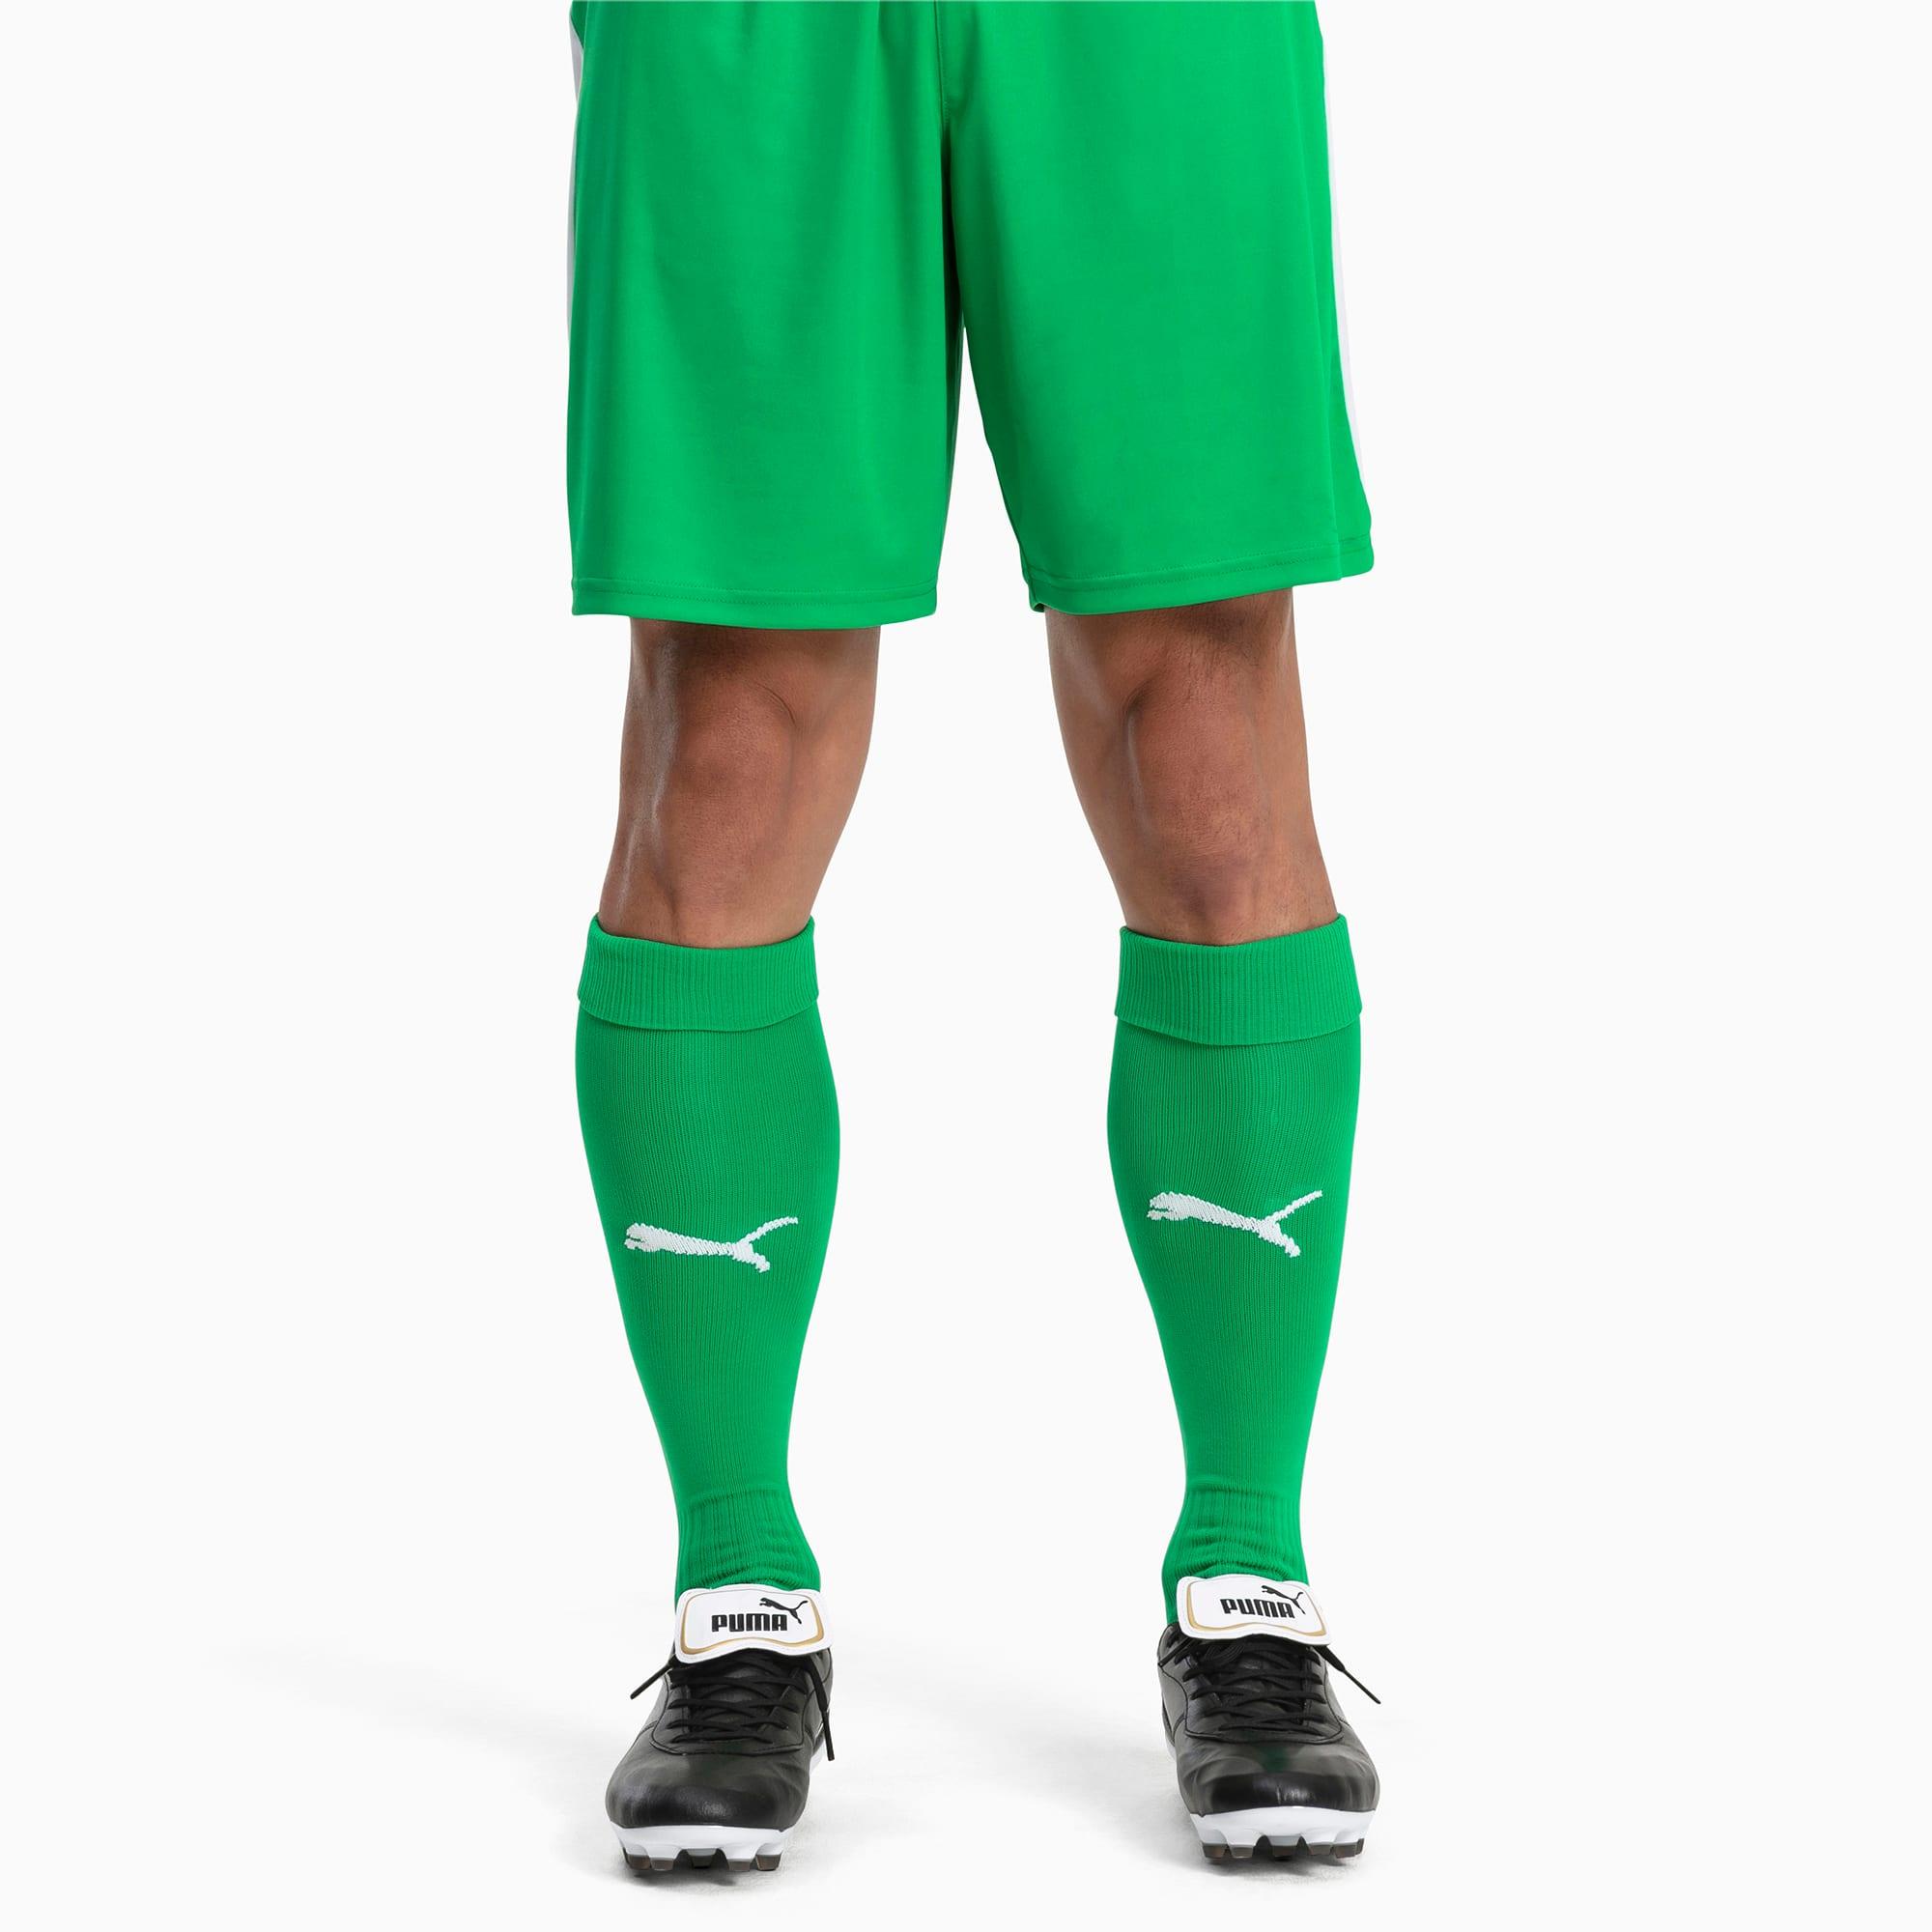 PUMA Męskie Skarpety Piłkarskie LIGA Core Zielony / Biały, rozmiar 31-34, Akcesoria